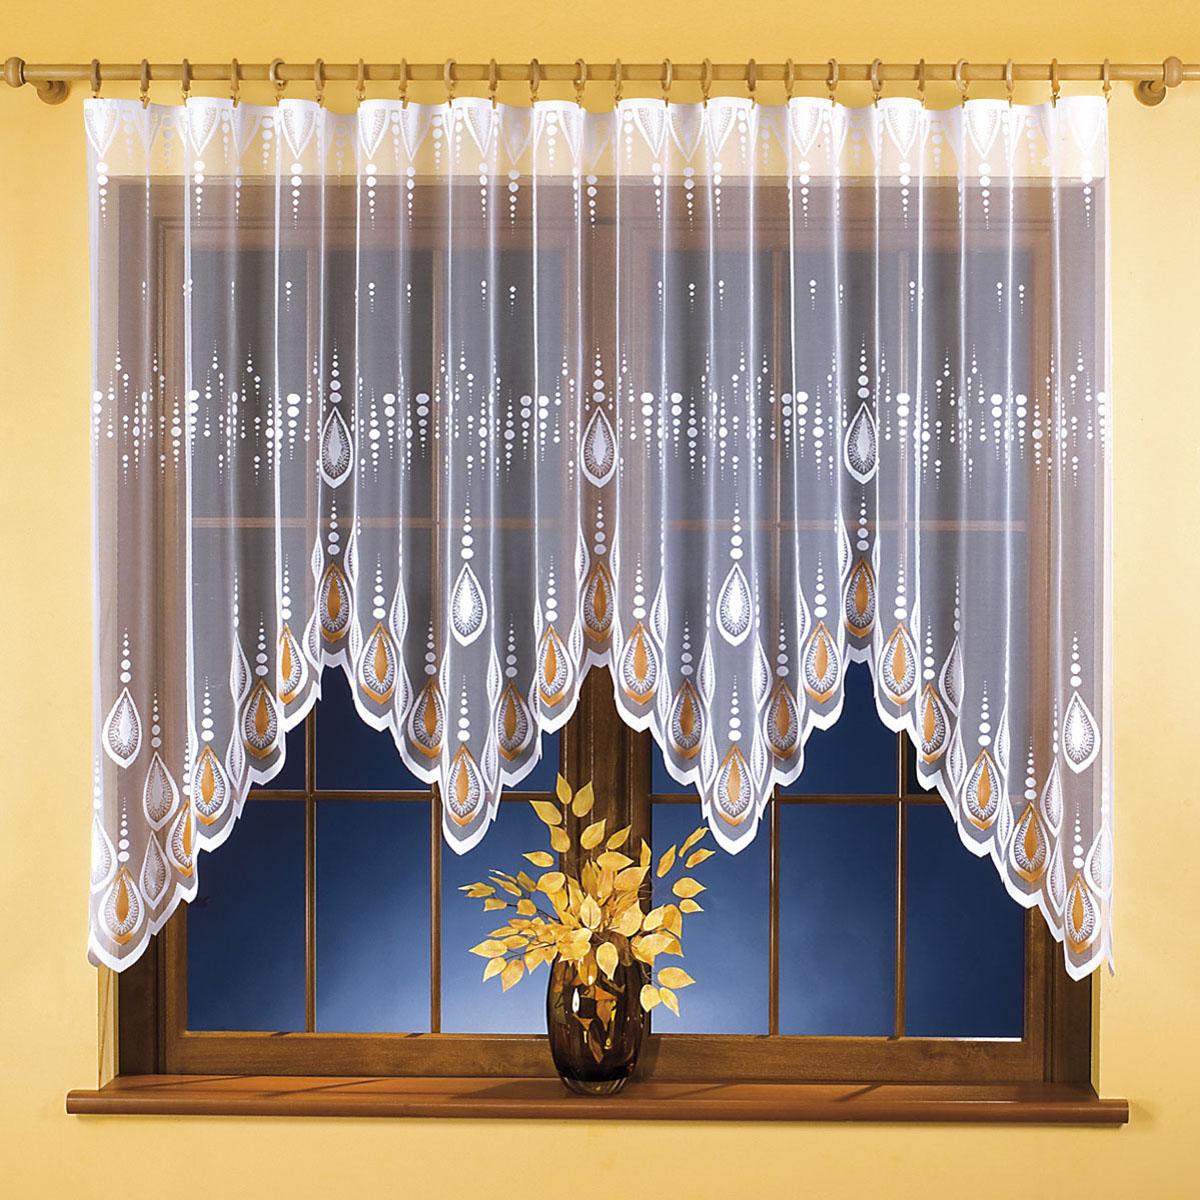 Штора для кухни Wisan, на ленте, цвет: белый, оранжевый, высота 150 см. 96415929 коричШтора Wisan, выполненная из легкого полупрозрачного полиэстера белого цвета, станет великолепным украшением кухонного окна. Изделие имеет ассиметричную длину и красивый орнамент по краю. Качественный материал и оригинальный дизайн привлекут к себе внимание и позволят шторе органично вписаться в интерьер помещения. Штора оснащена шторной лентой под зажимы для крепления на карниз.